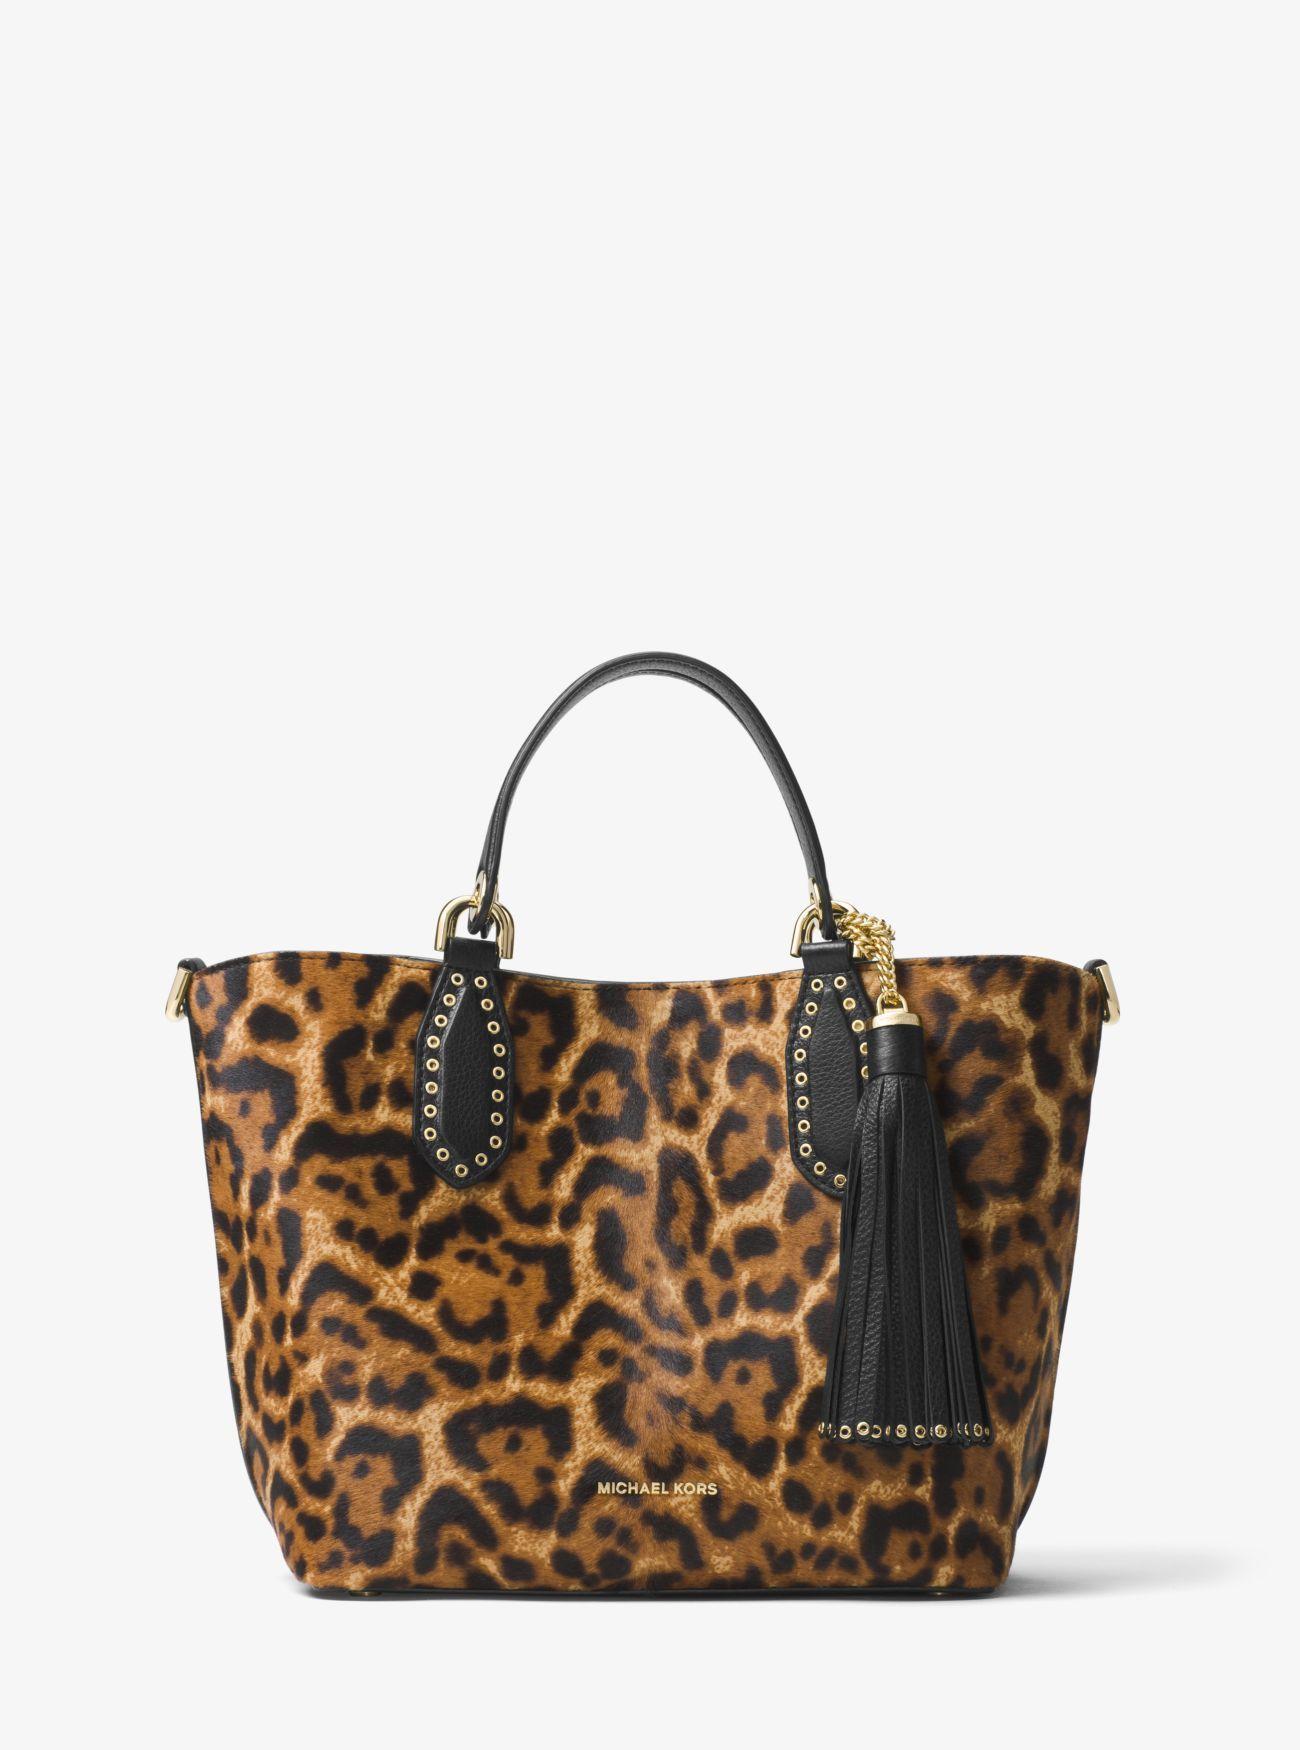 Brooklyn Medium Leopard Calf Hair Tote Satchels Leopards Calves Totes